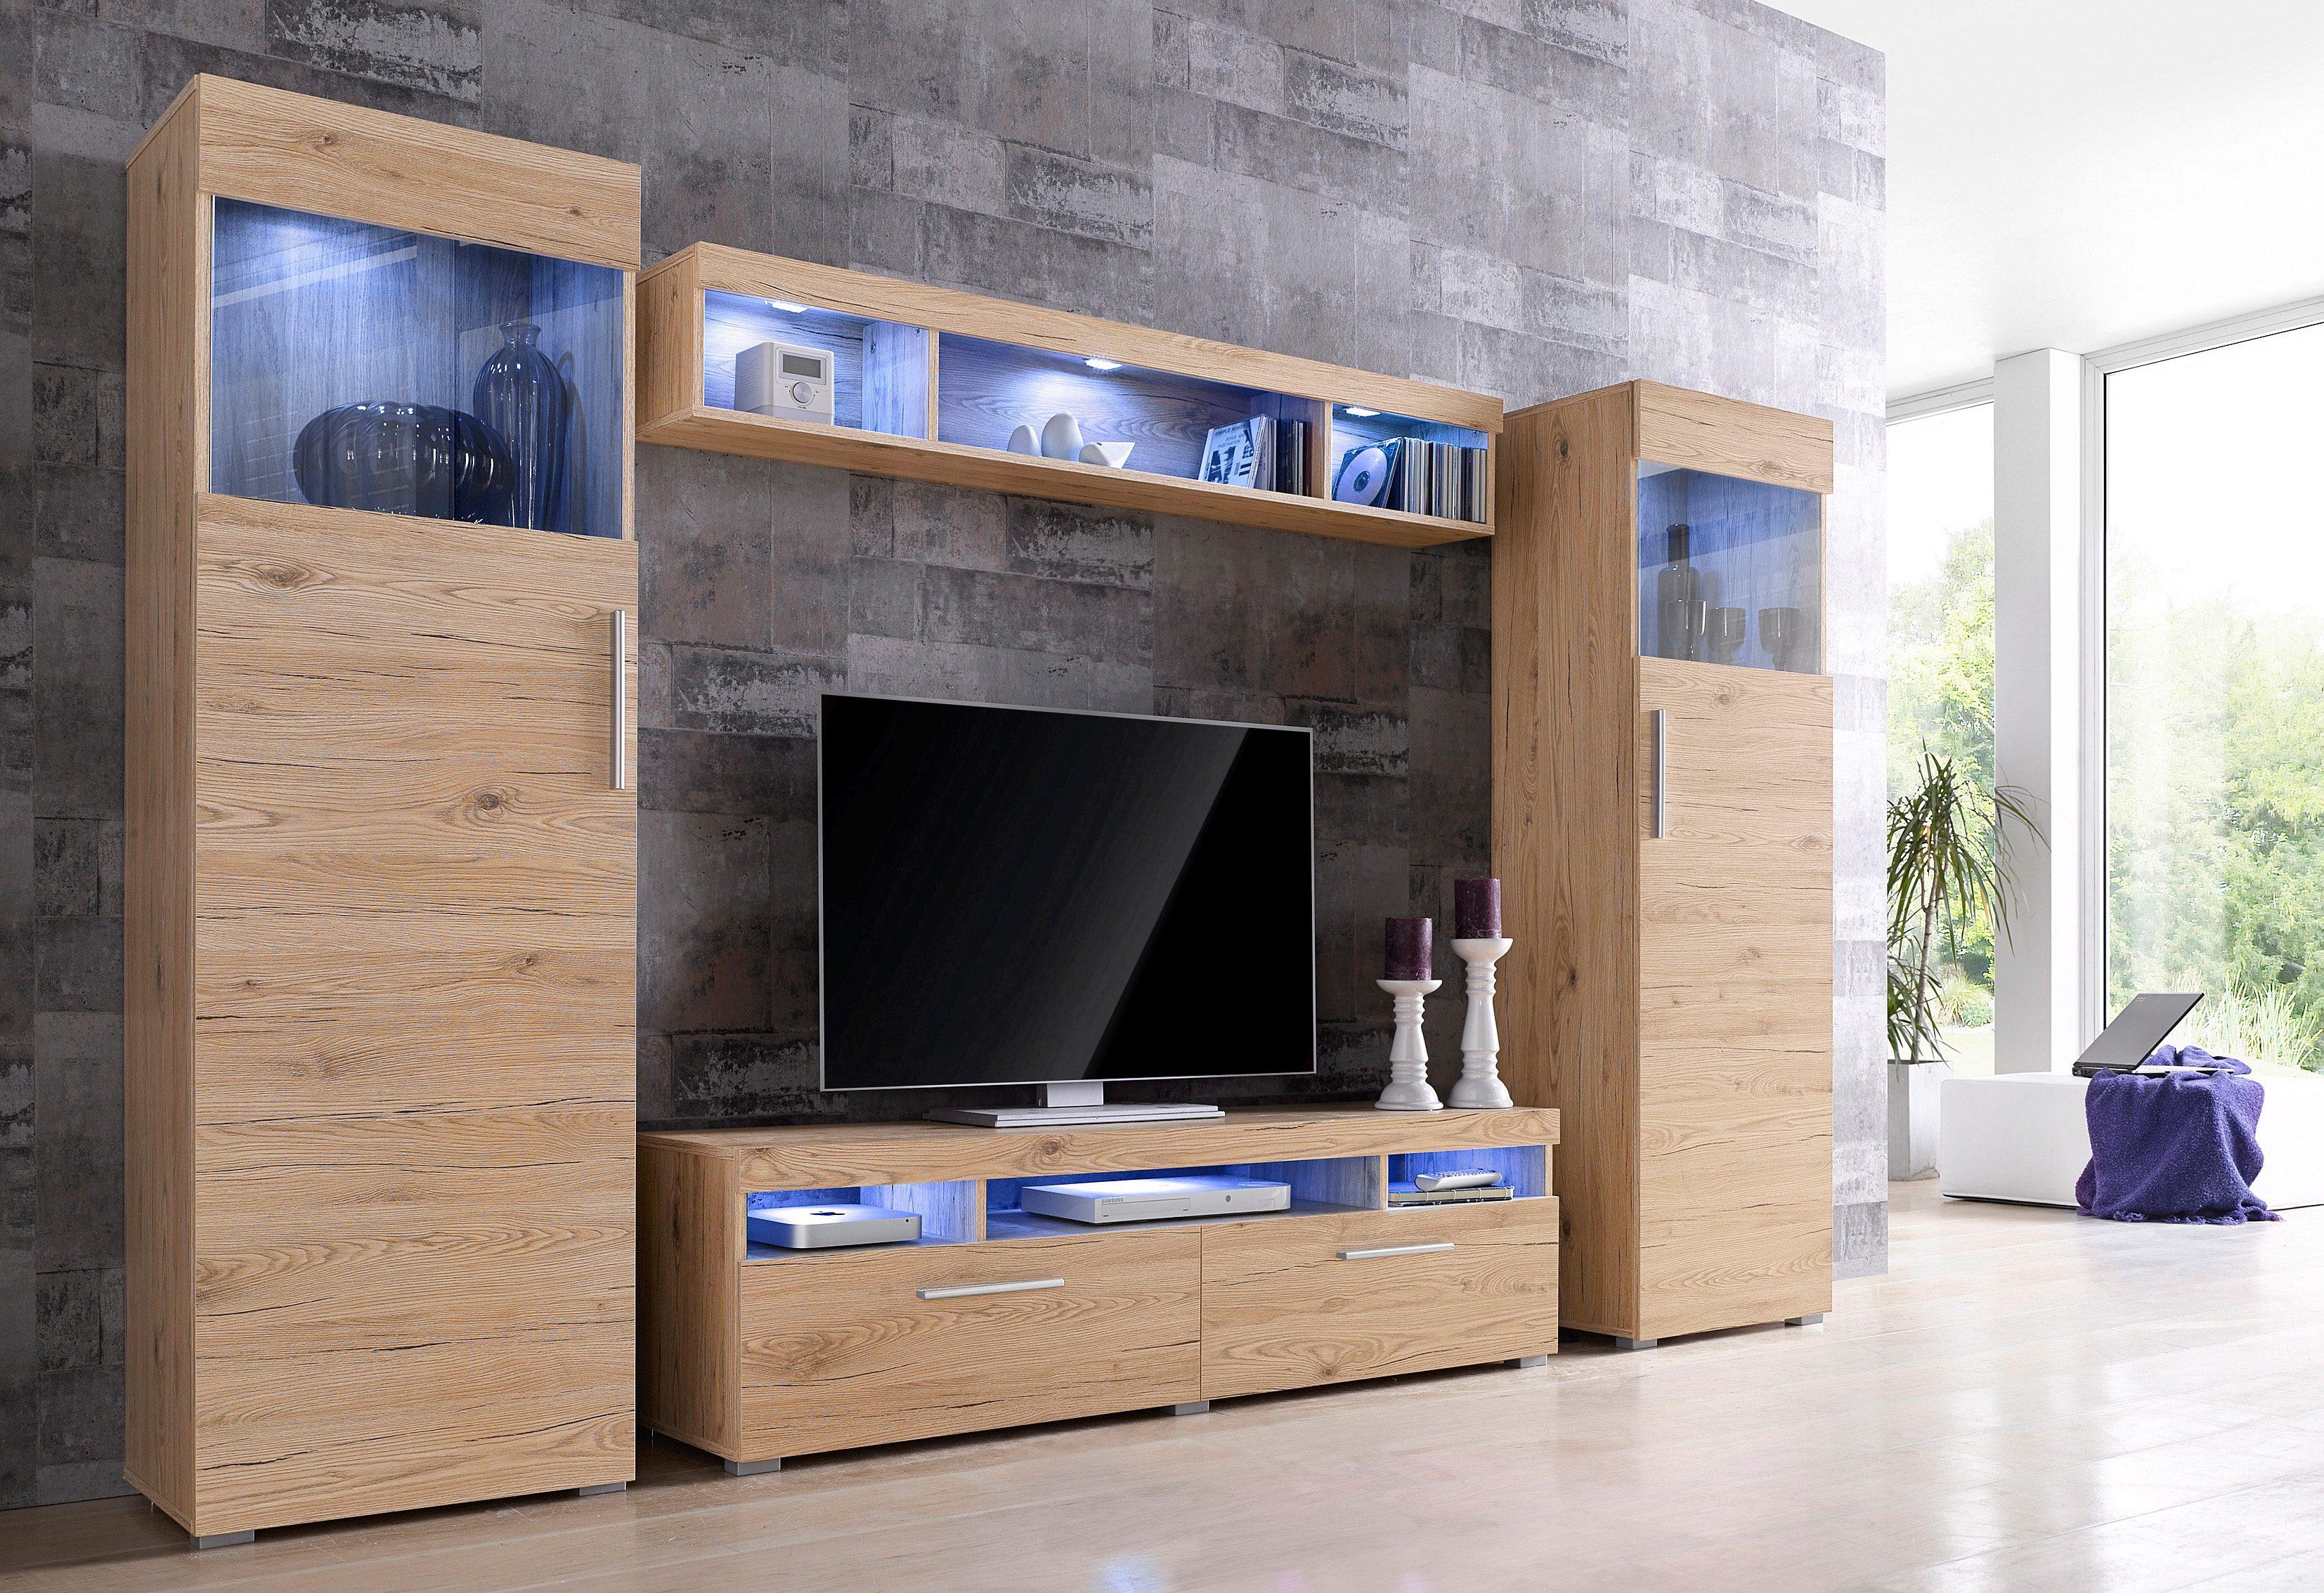 hochglanz glas wohnw nde online kaufen m bel suchmaschine. Black Bedroom Furniture Sets. Home Design Ideas